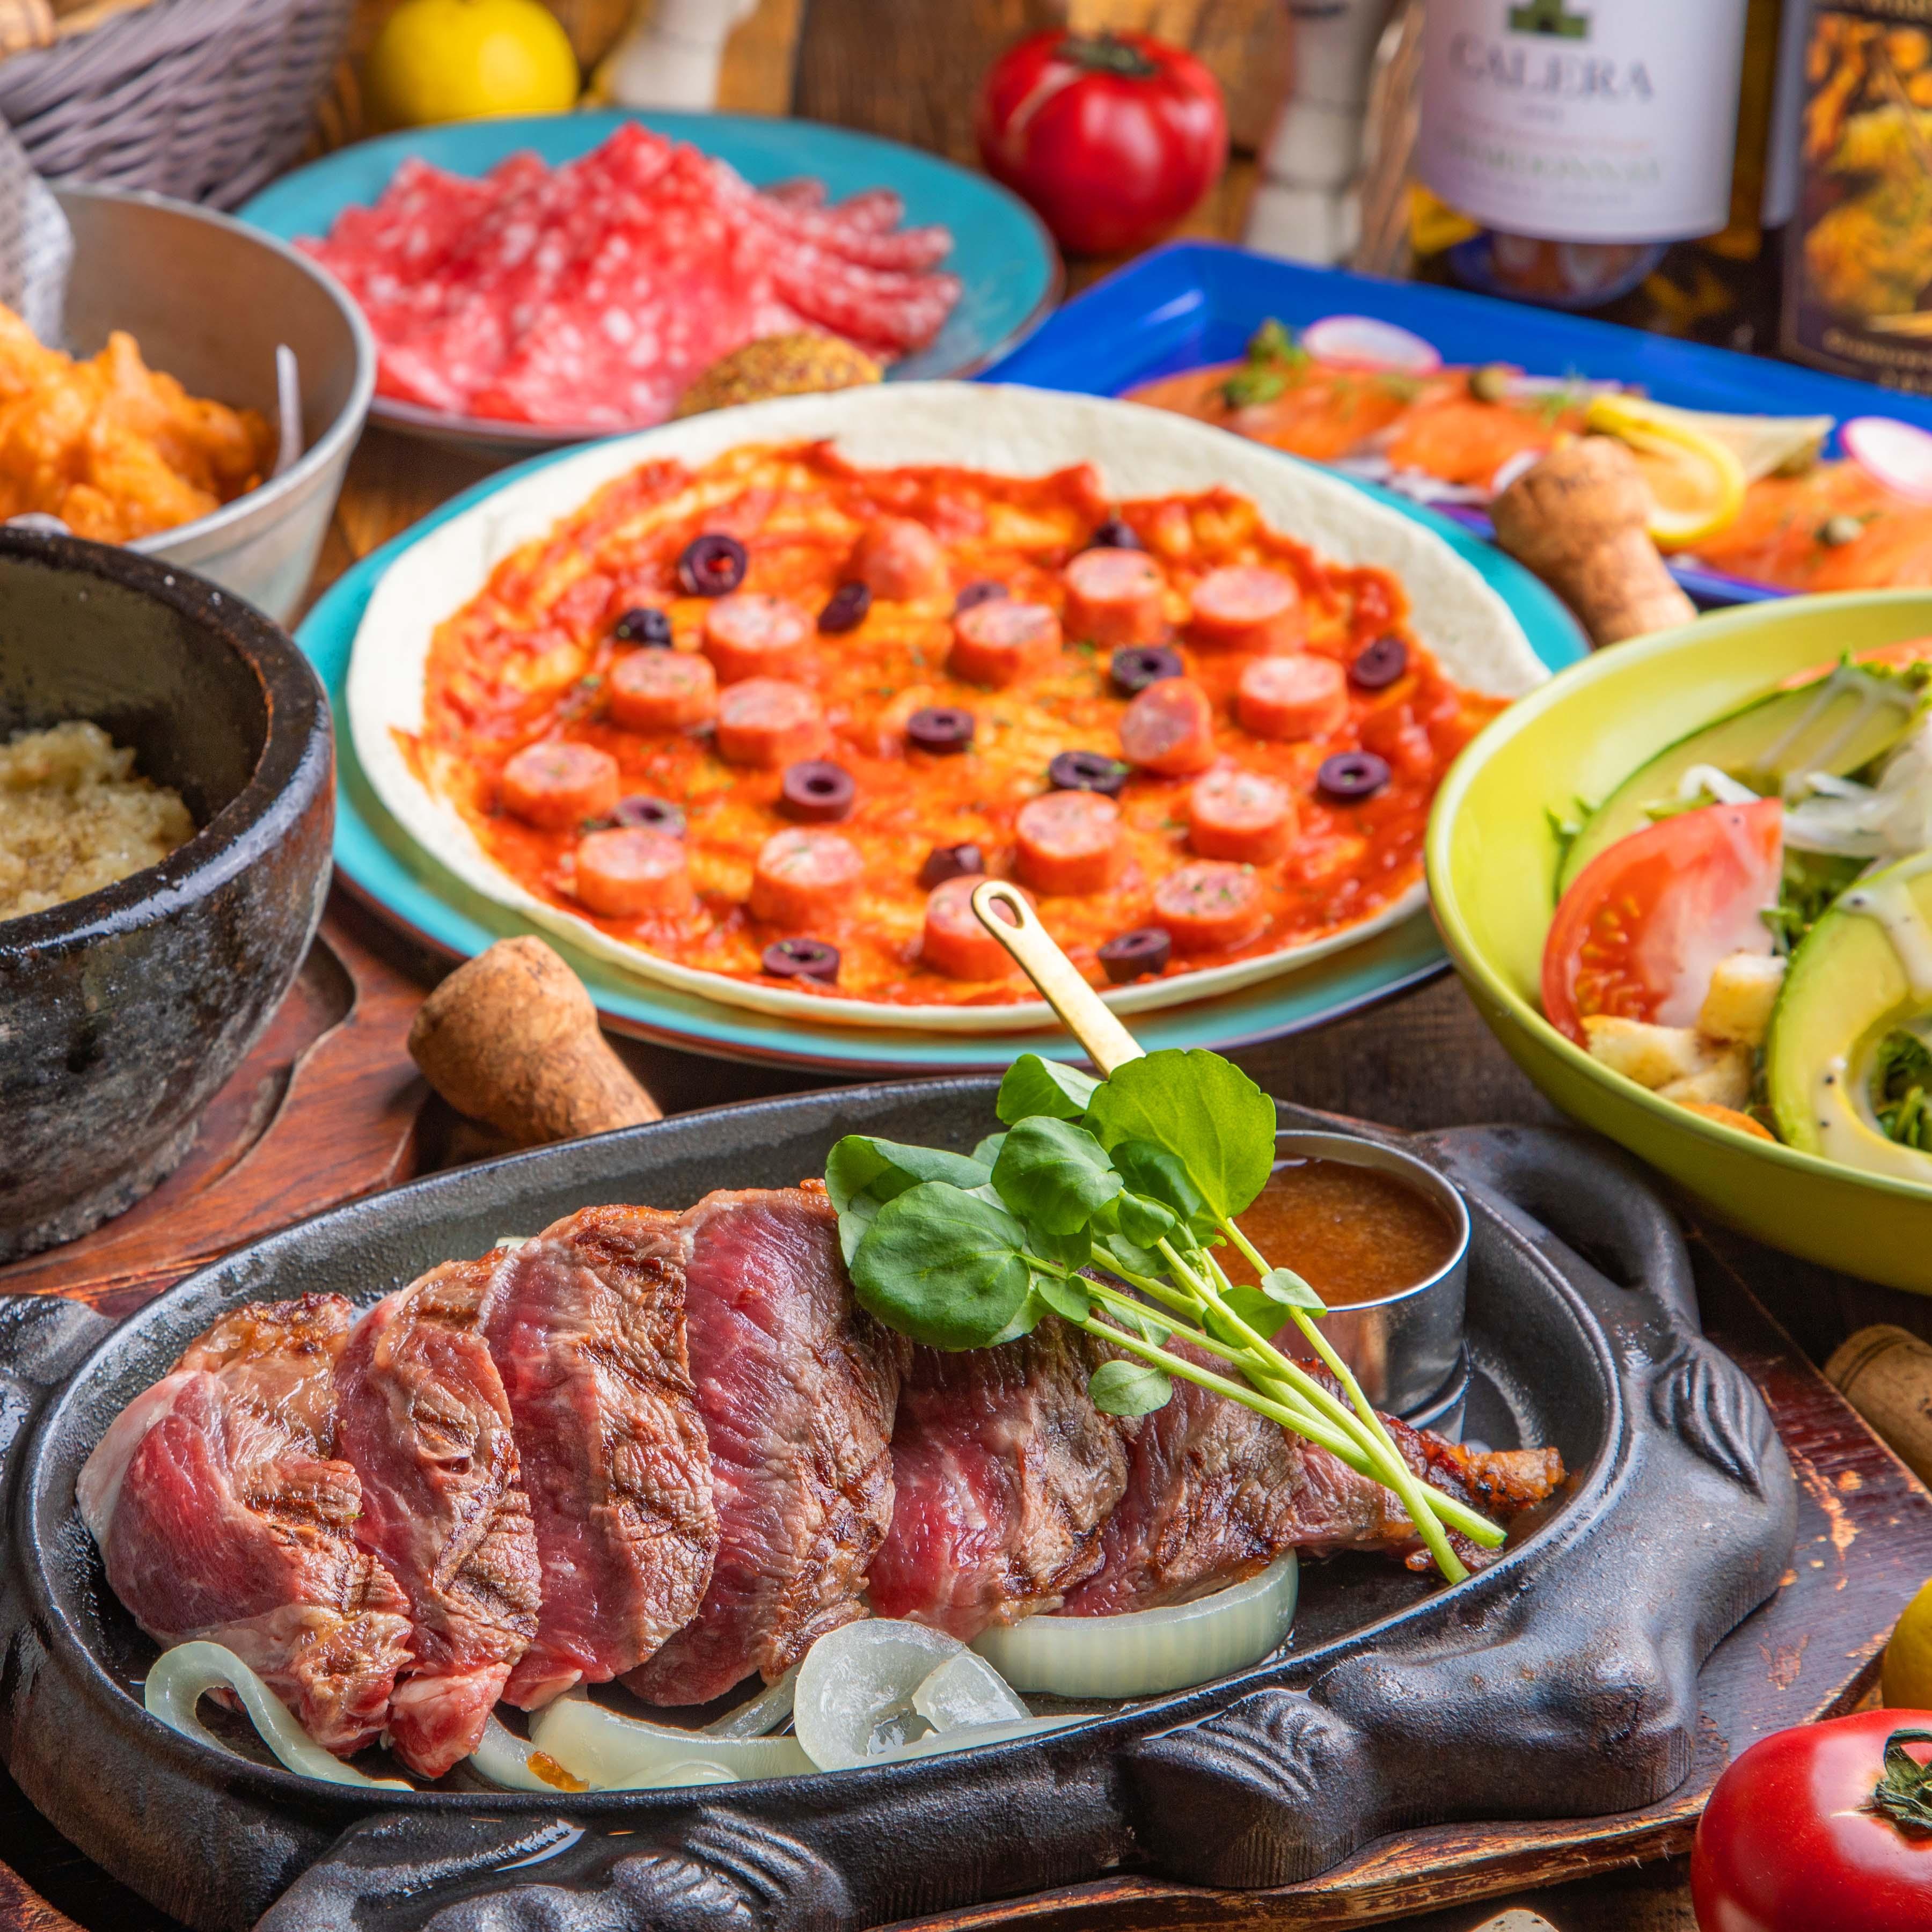 [お料理のみ] 【丑年肉初め】和牛のグリル、自家製ボロネーゼなどコースで楽しむ6品